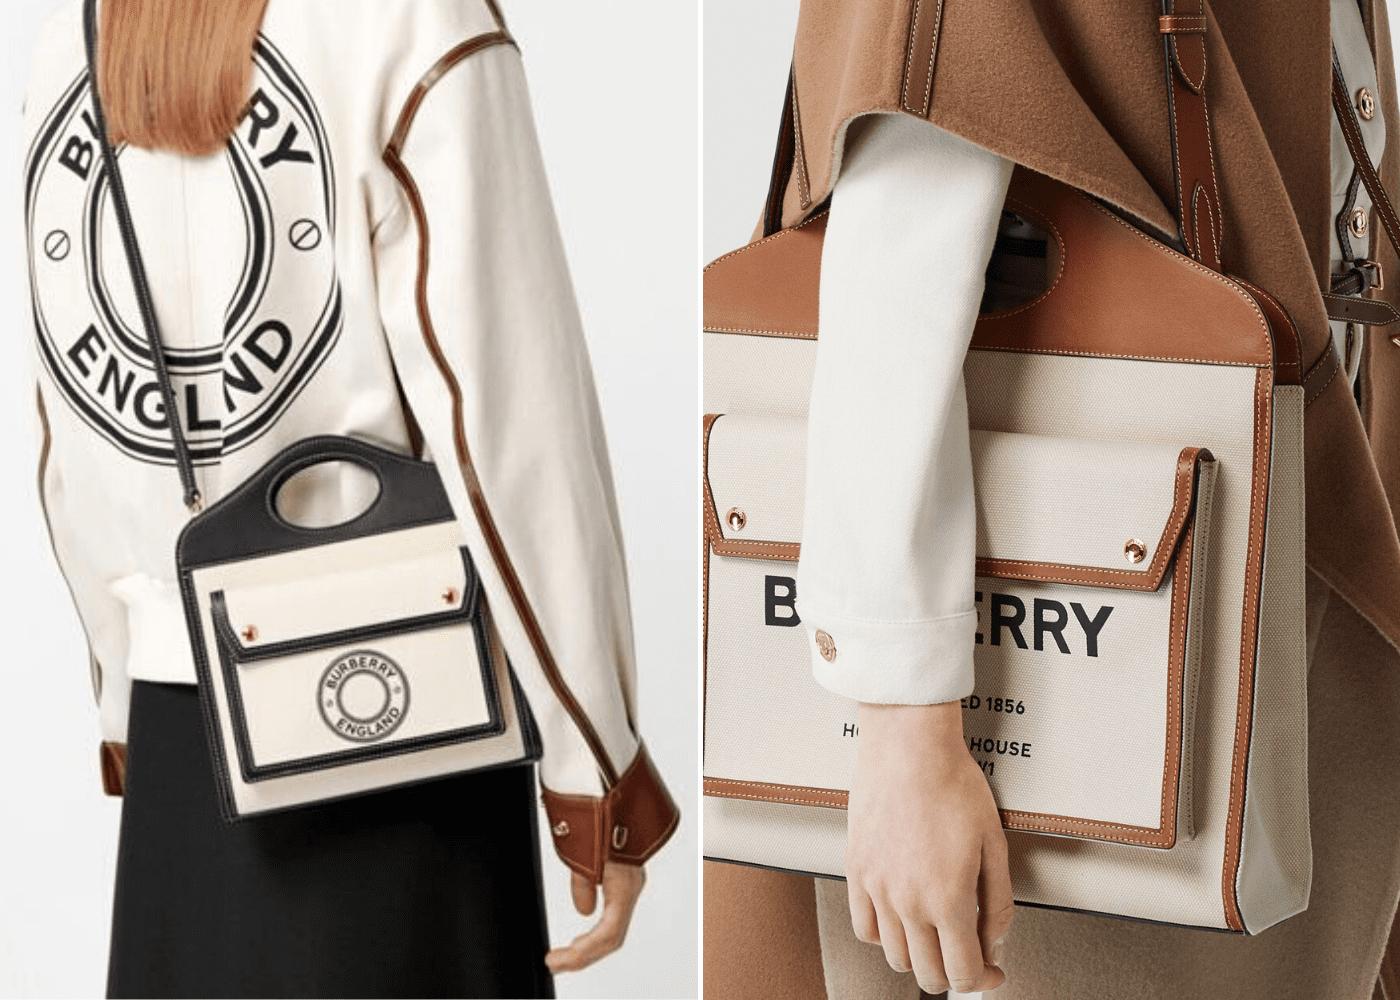 Spring Summer 2020 designer bags to shop online: Burberry Pocket